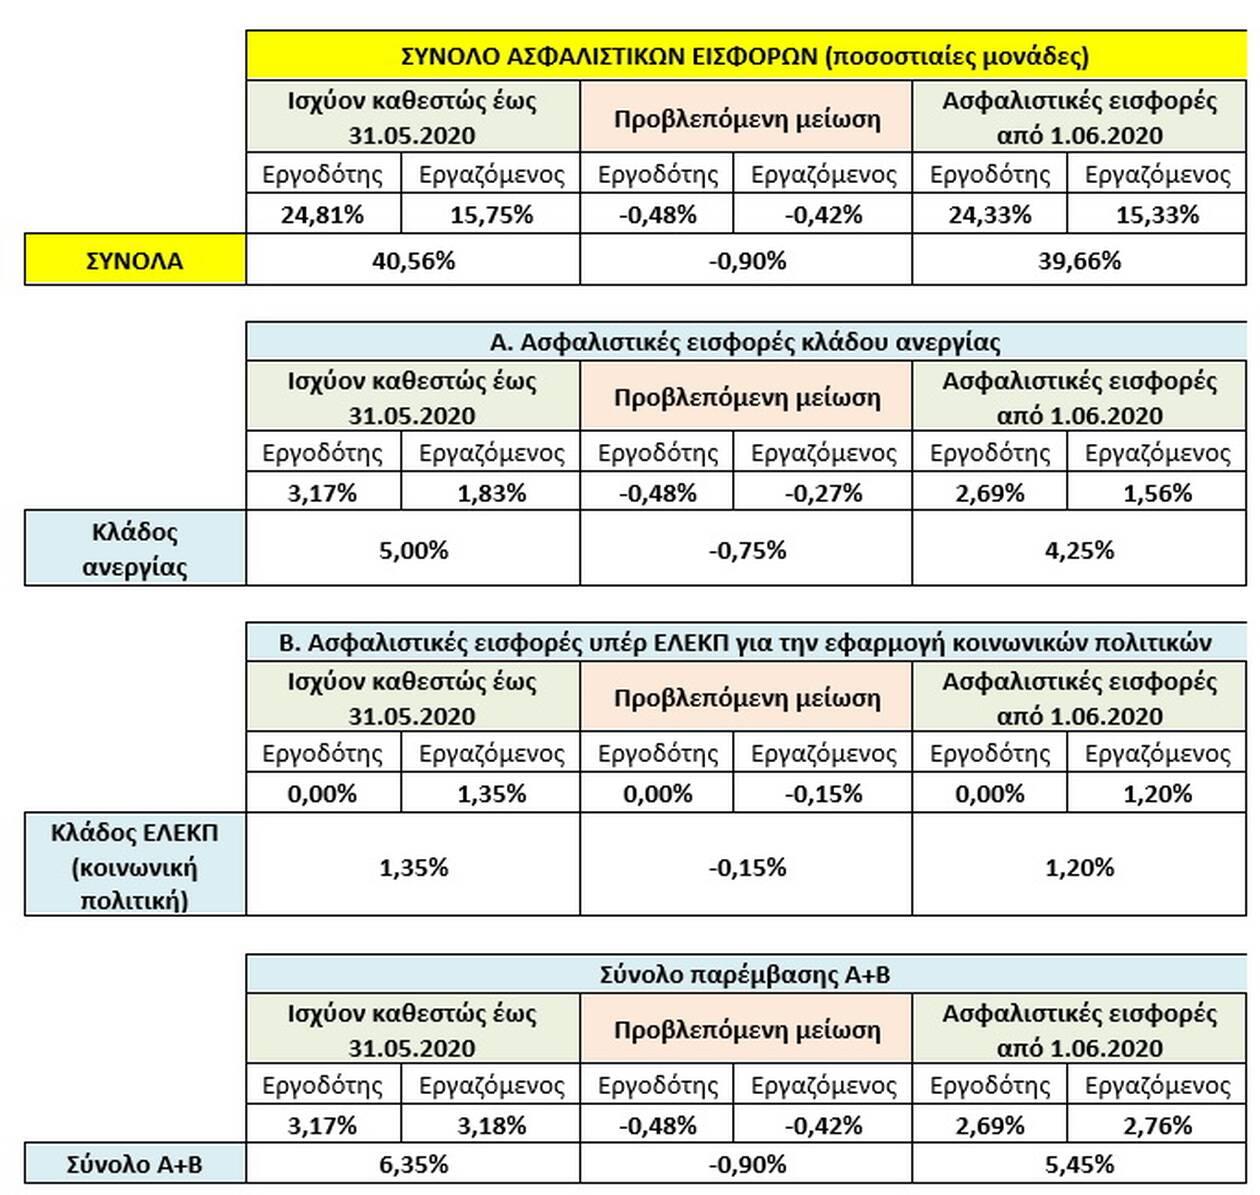 Ασφαλιστικές εισφορές: Πόσο μειώνονται από 1η Ιουνίου - Δείτε τα παραδείγματα....